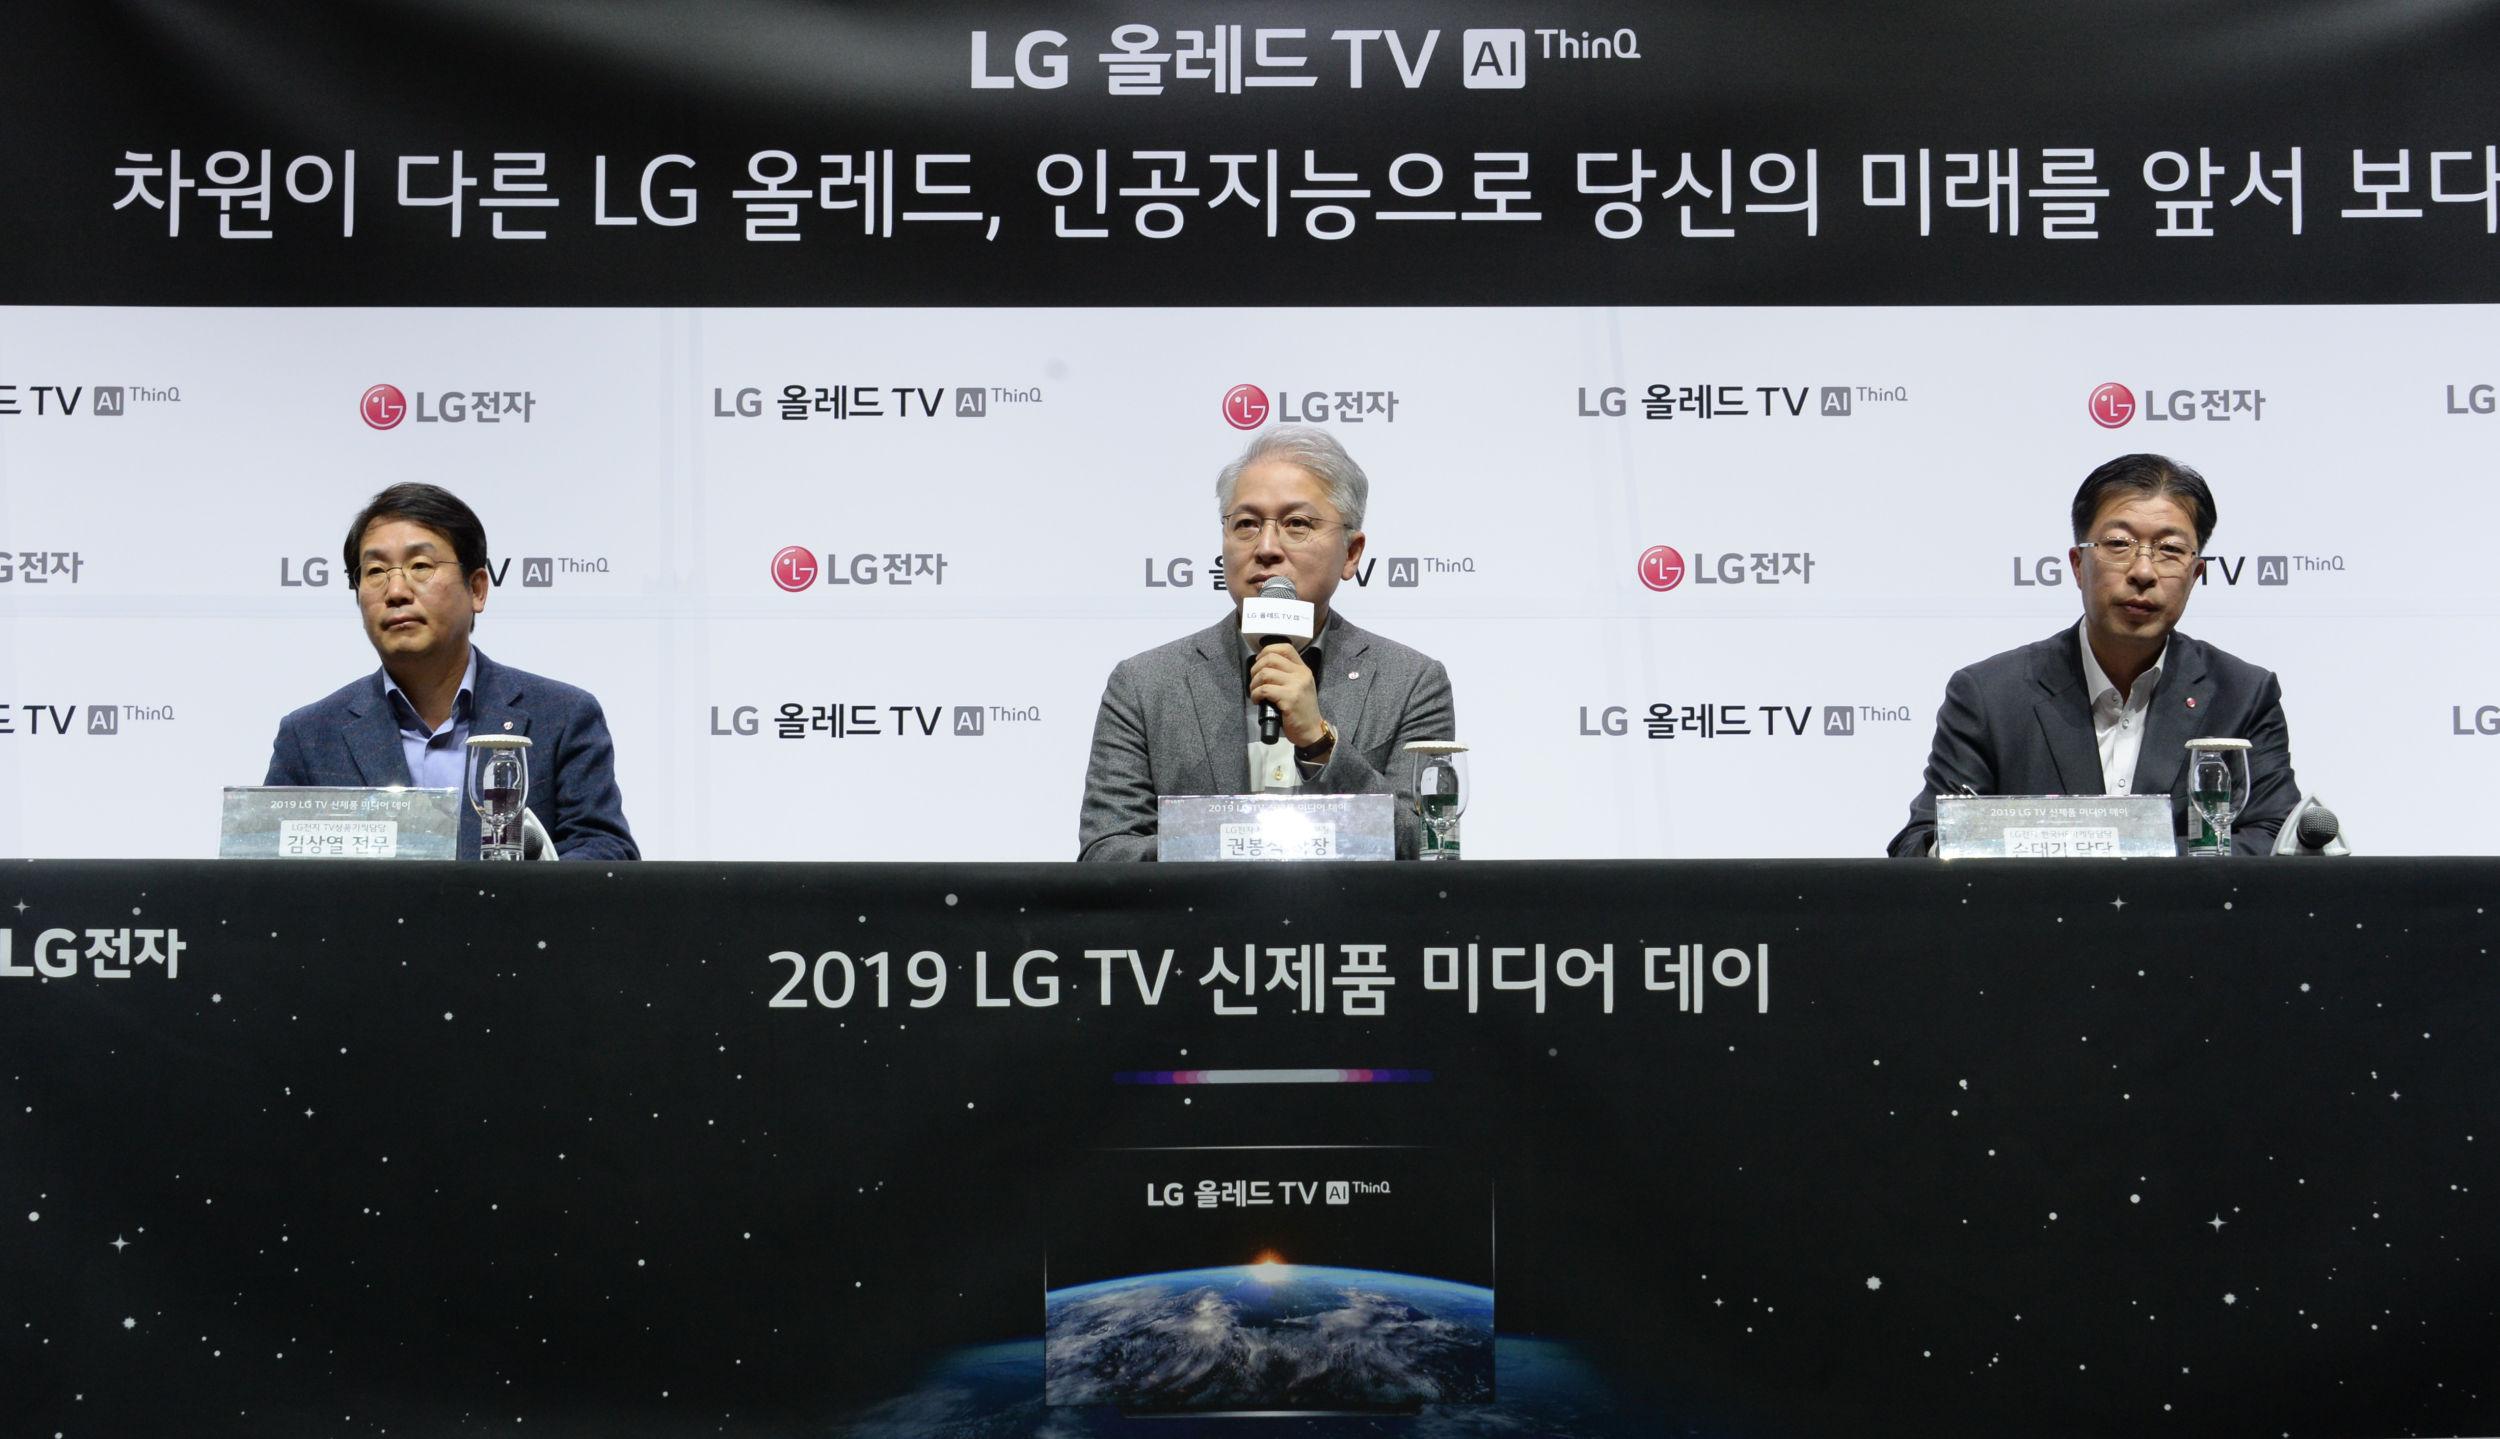 6일 서울 마곡 소재 LG사이언스파크에서 열린 2019년 LG TV 신제품 발표행사에서 TV상품기획담당 김상열 전무(왼쪽), MC/HE사업본부장 권봉석 사장(가운데), 손대기 한국HE마케팅담당(오른쪽)이 올해 TV 사업에 대해 발표하고 있다.